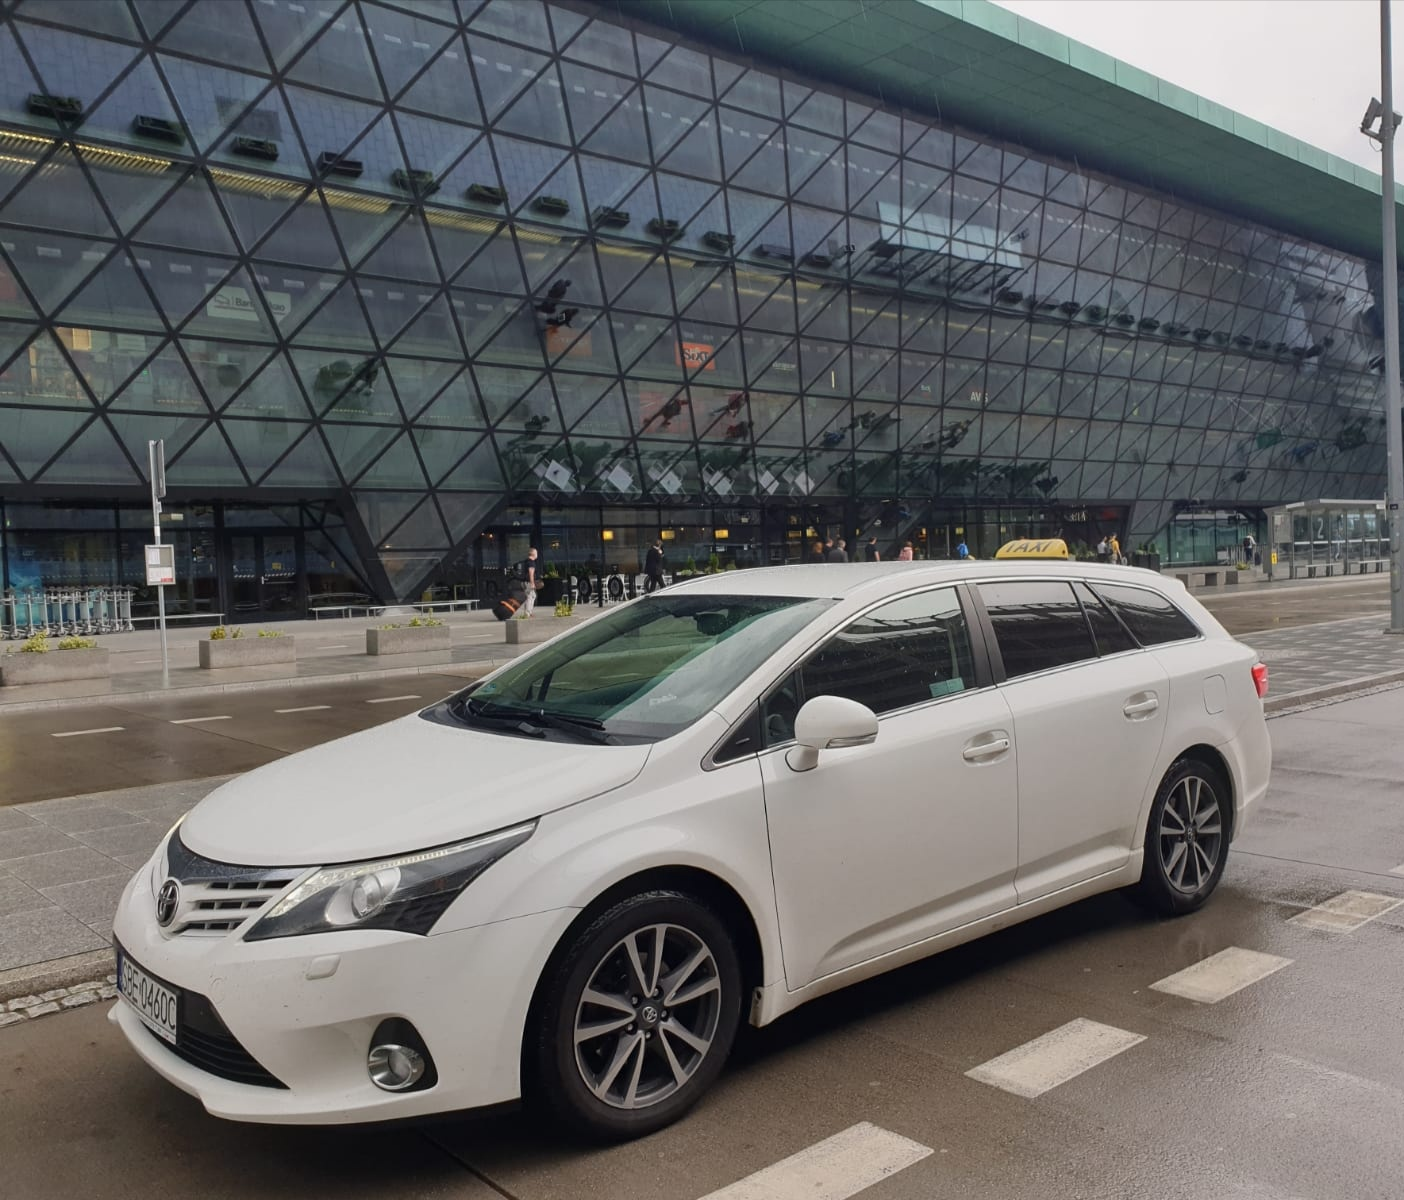 Kraków airport Toyota